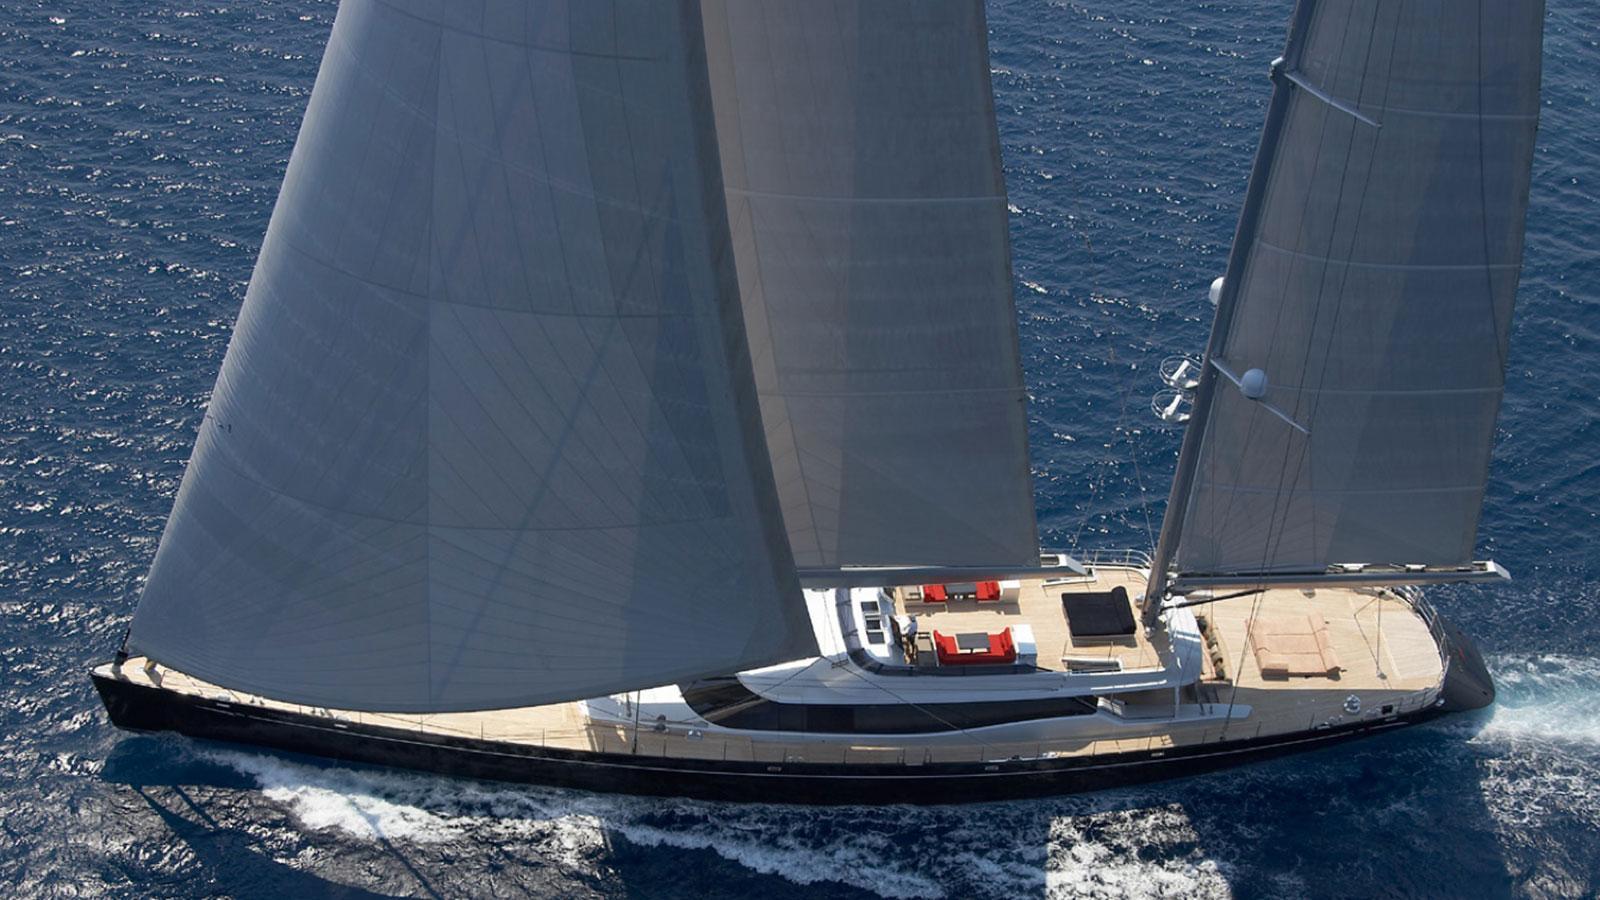 nirvana-sailing-boat